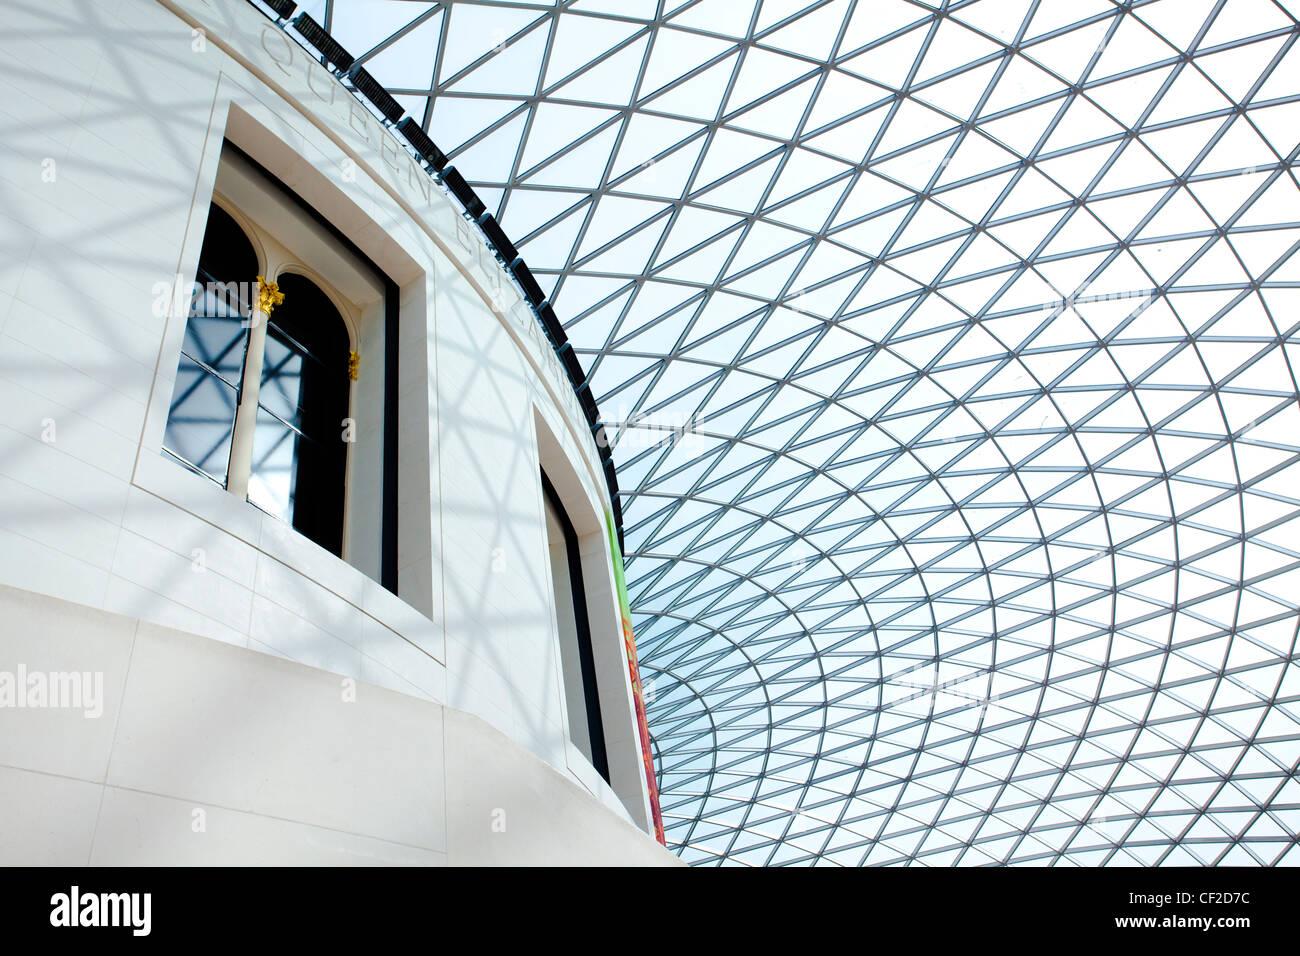 Das Glasdach auf der Queen Elizabeth II Great Court des British Museum. Stockbild